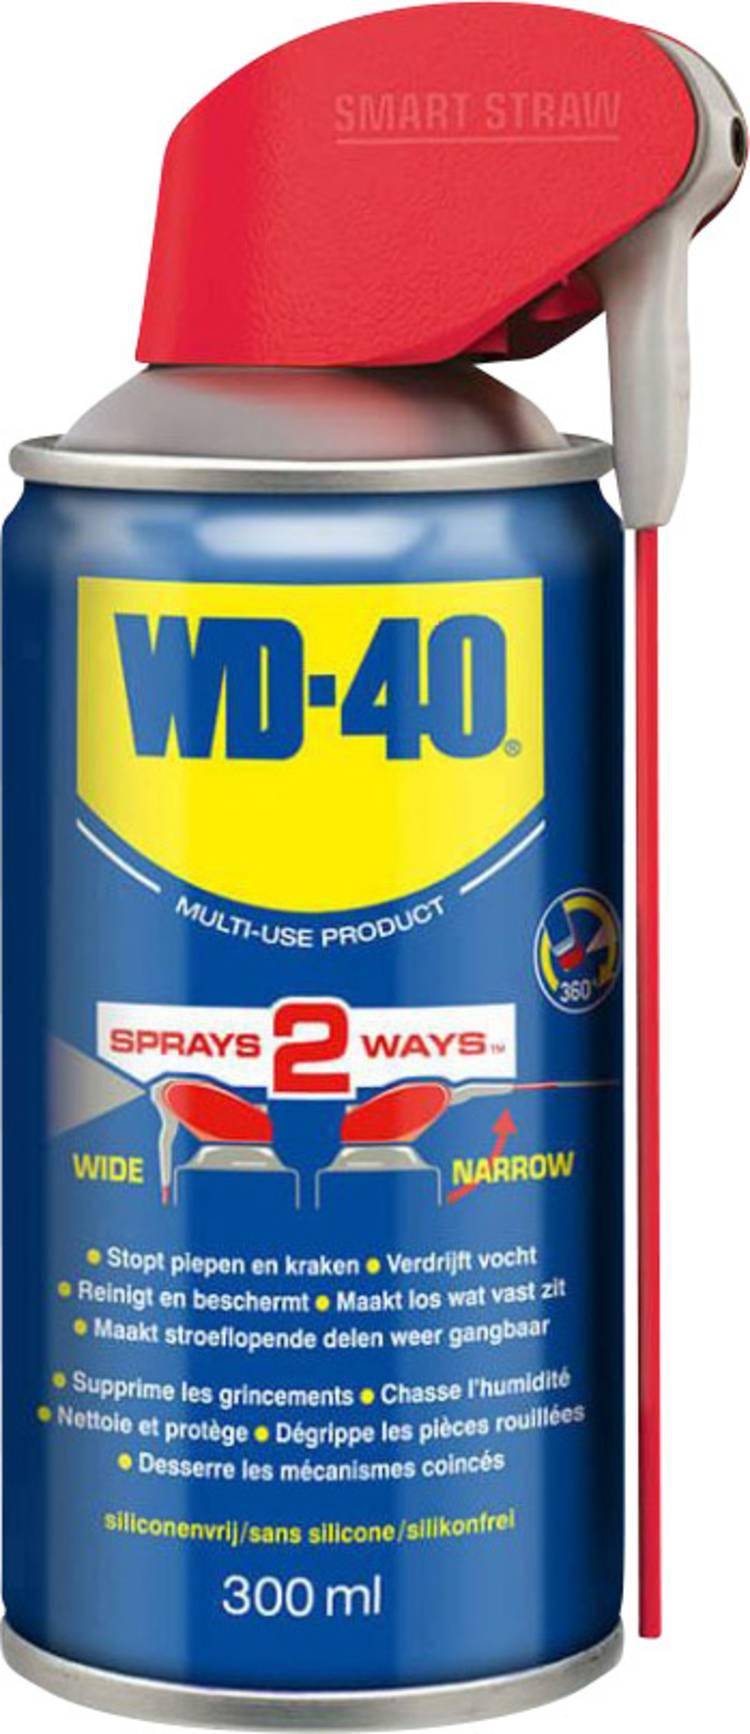 MultiSpray WD-40 met geïntegreerde spuitkop 300 ml WD40 Company Smart Straw 0315033